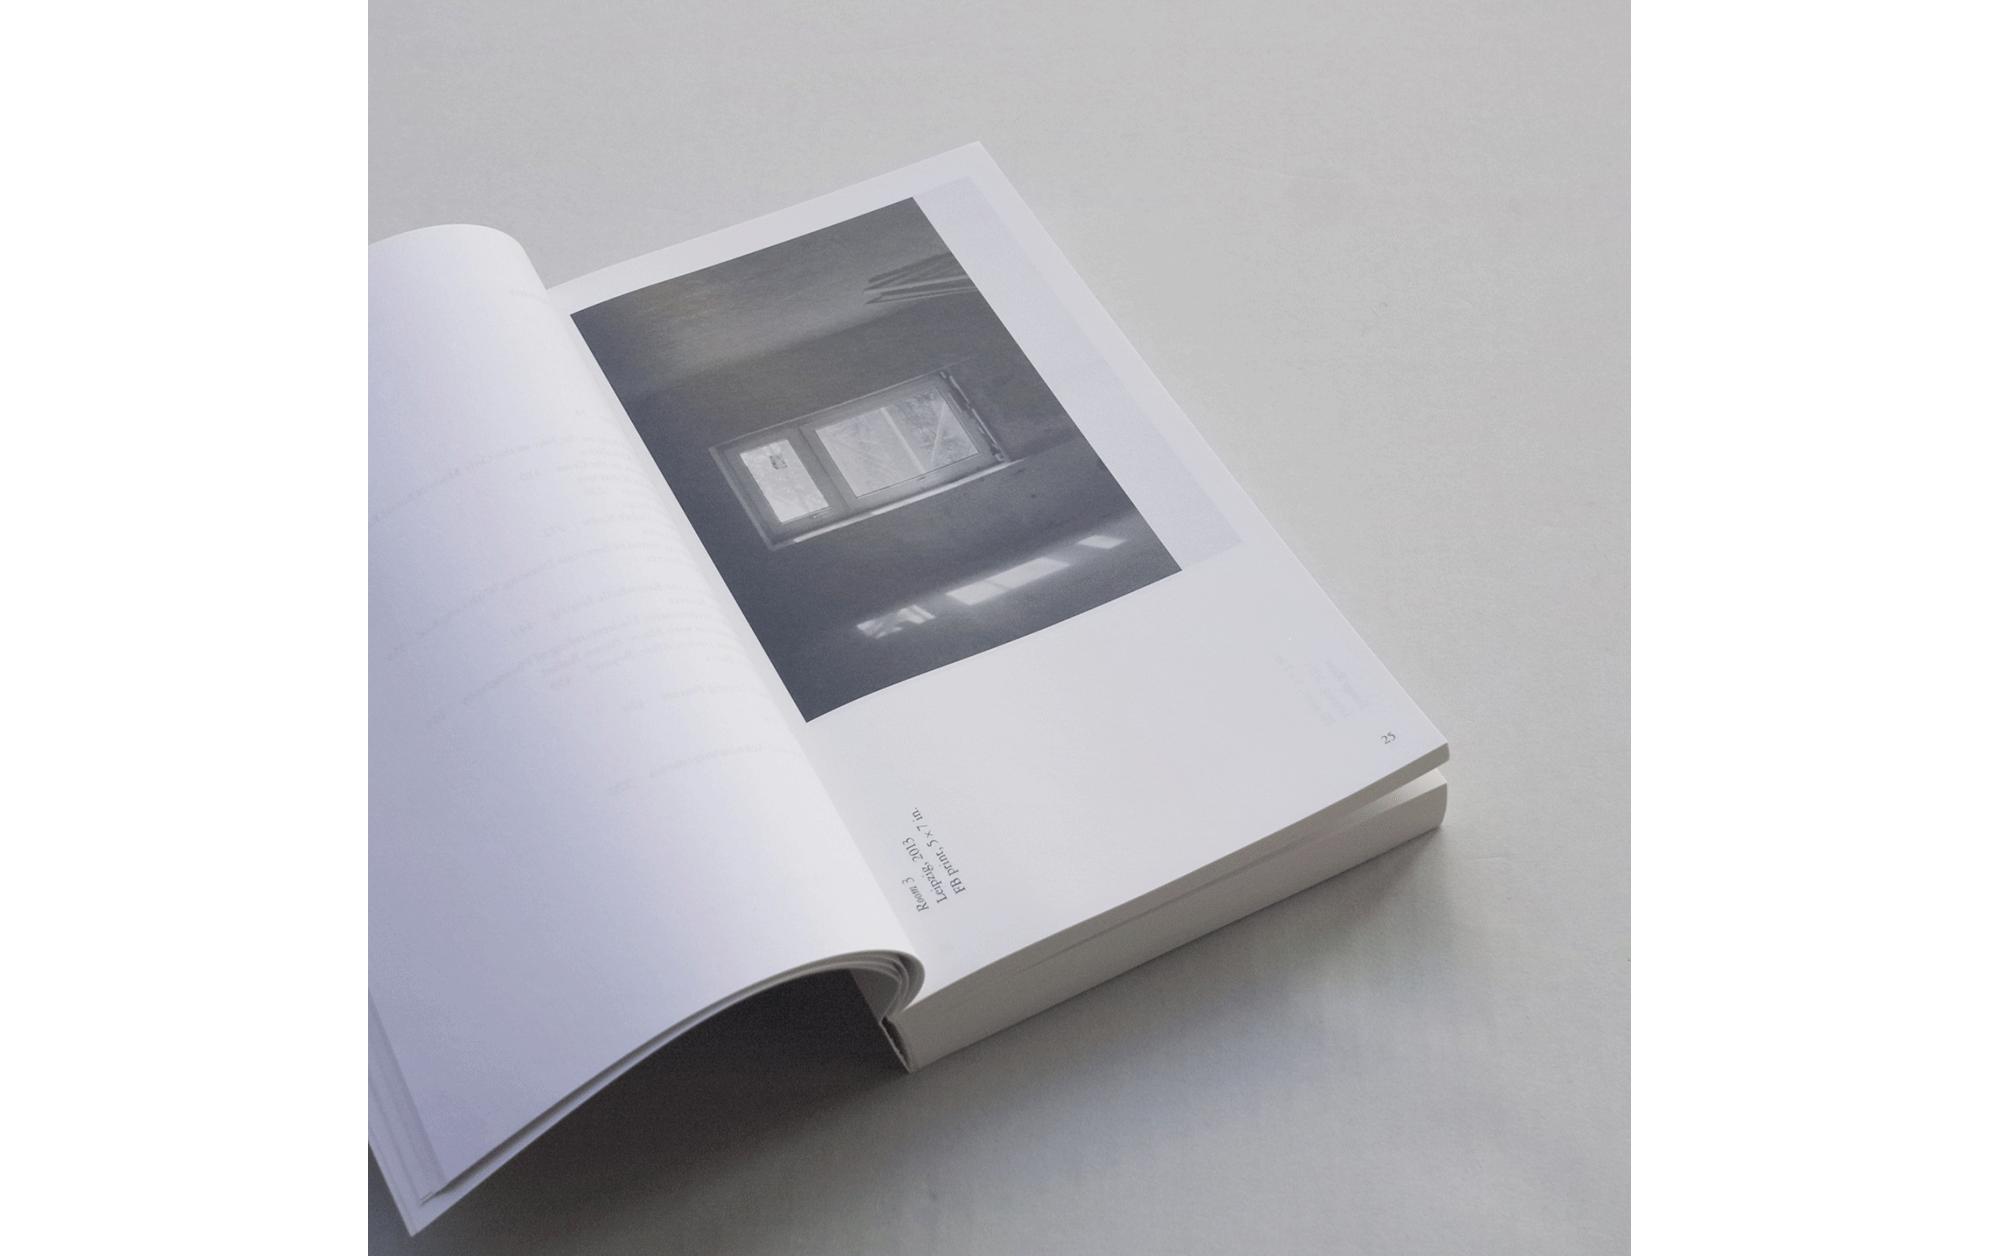 書店員がピックアップする4月のおすすめ写真集【POST編】   ジェフ・ウェーバー『An Attempt At A Personal Epistemology   Kunsthalle Leipzig』